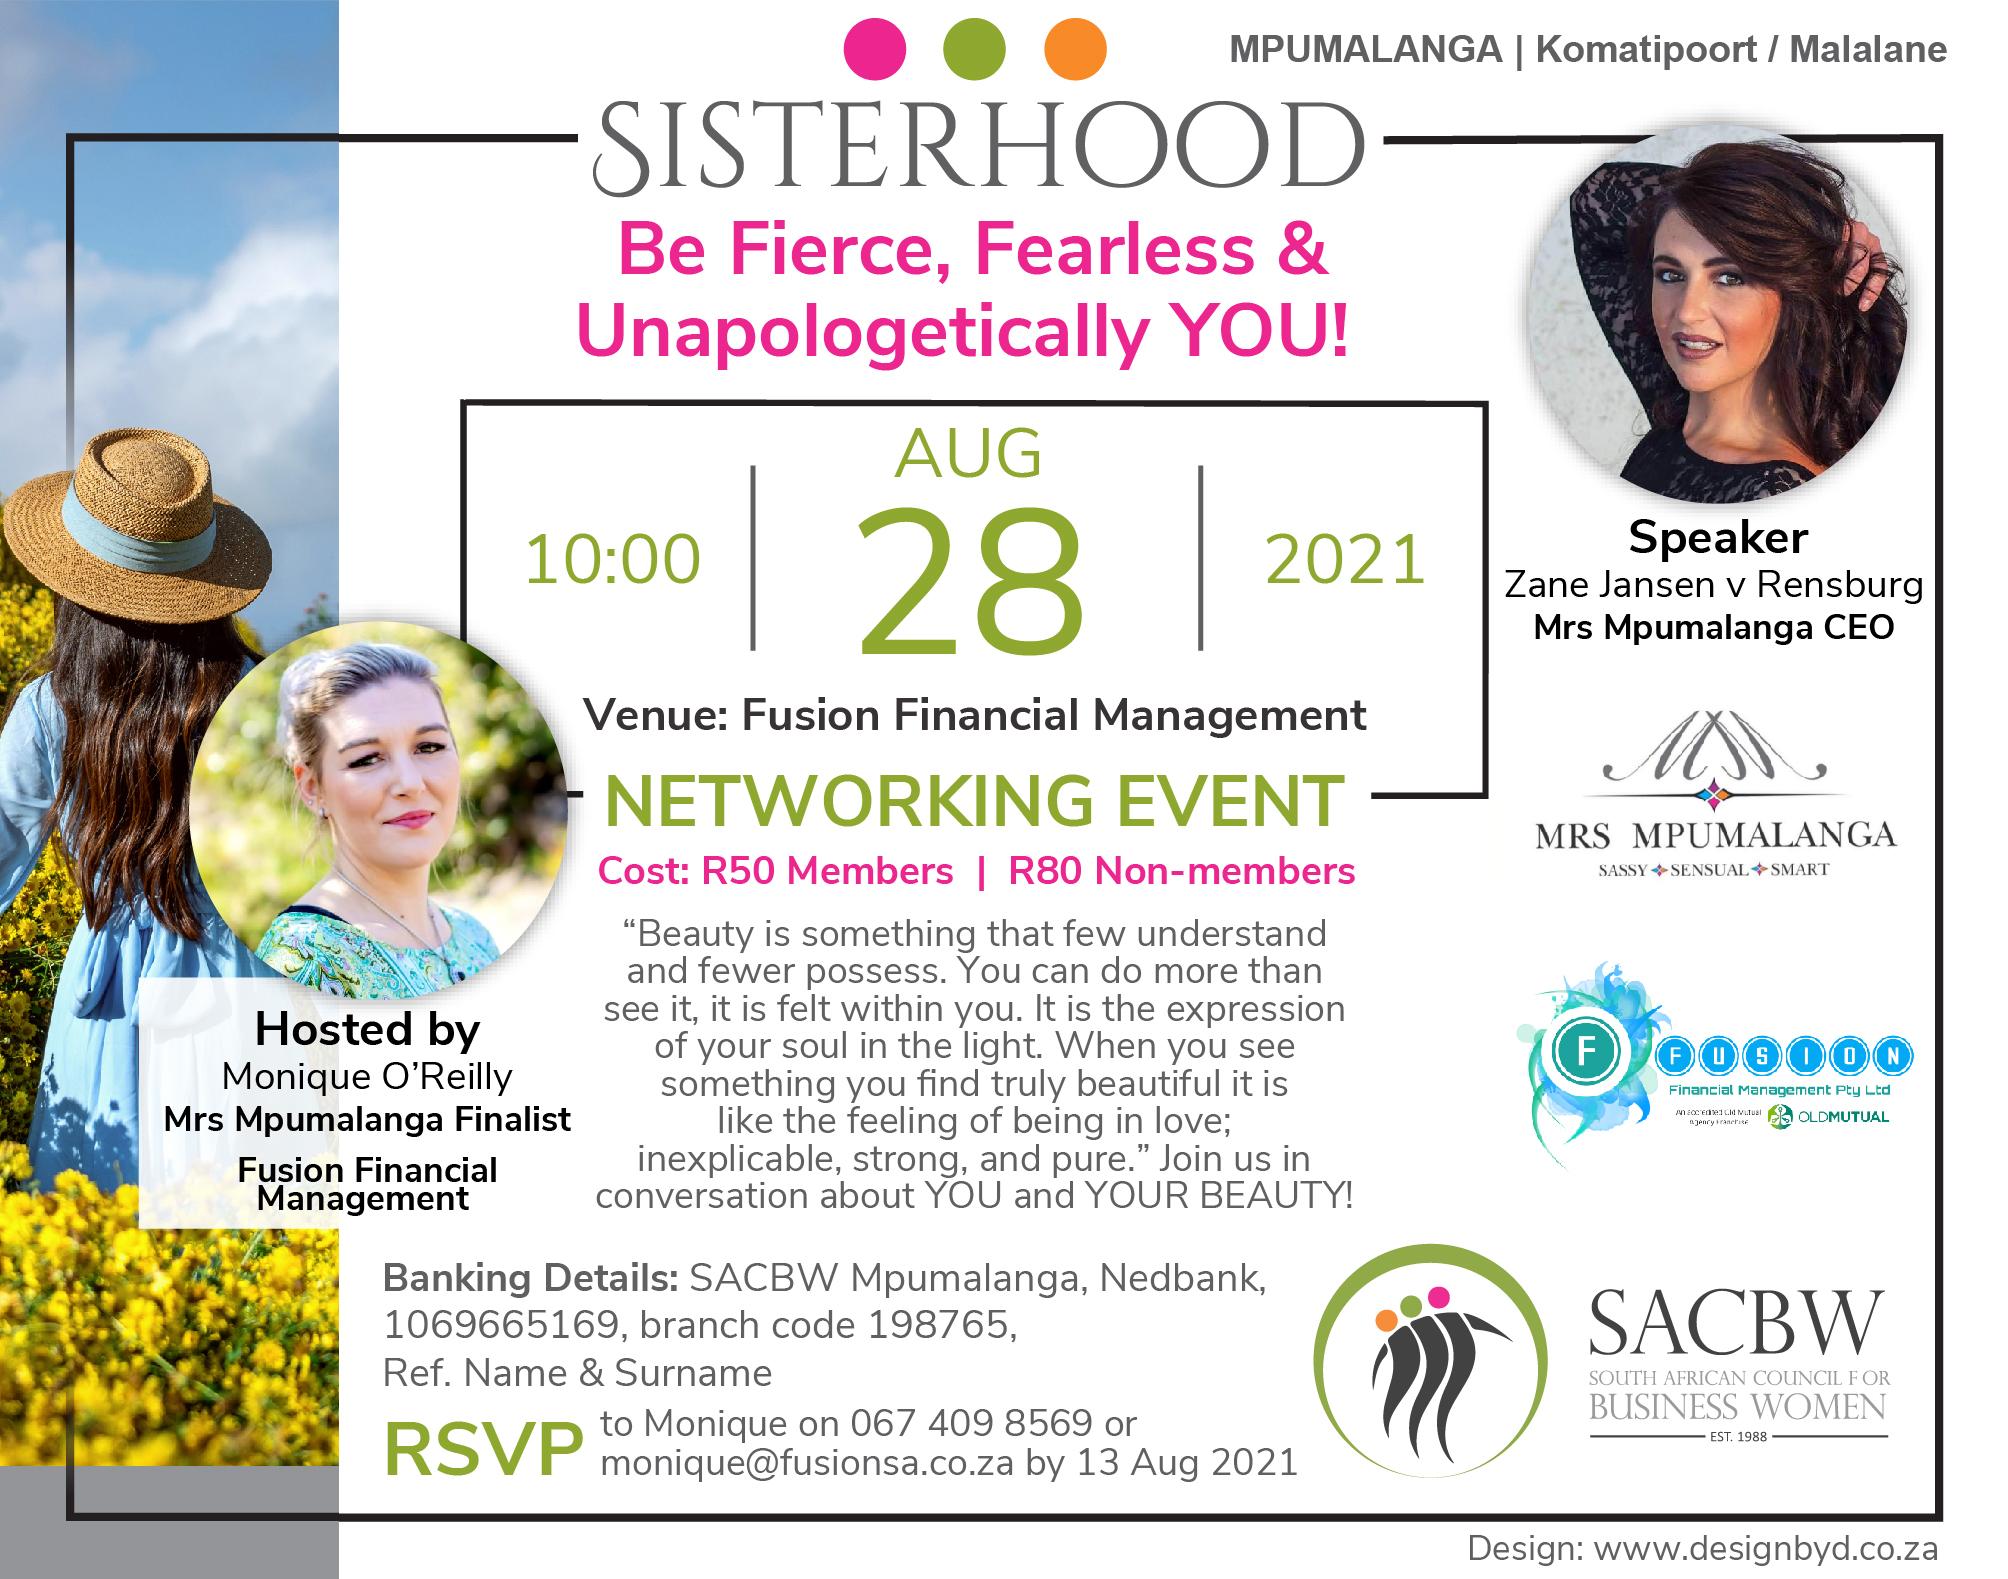 August Event Image for SACBW Mpumalanga